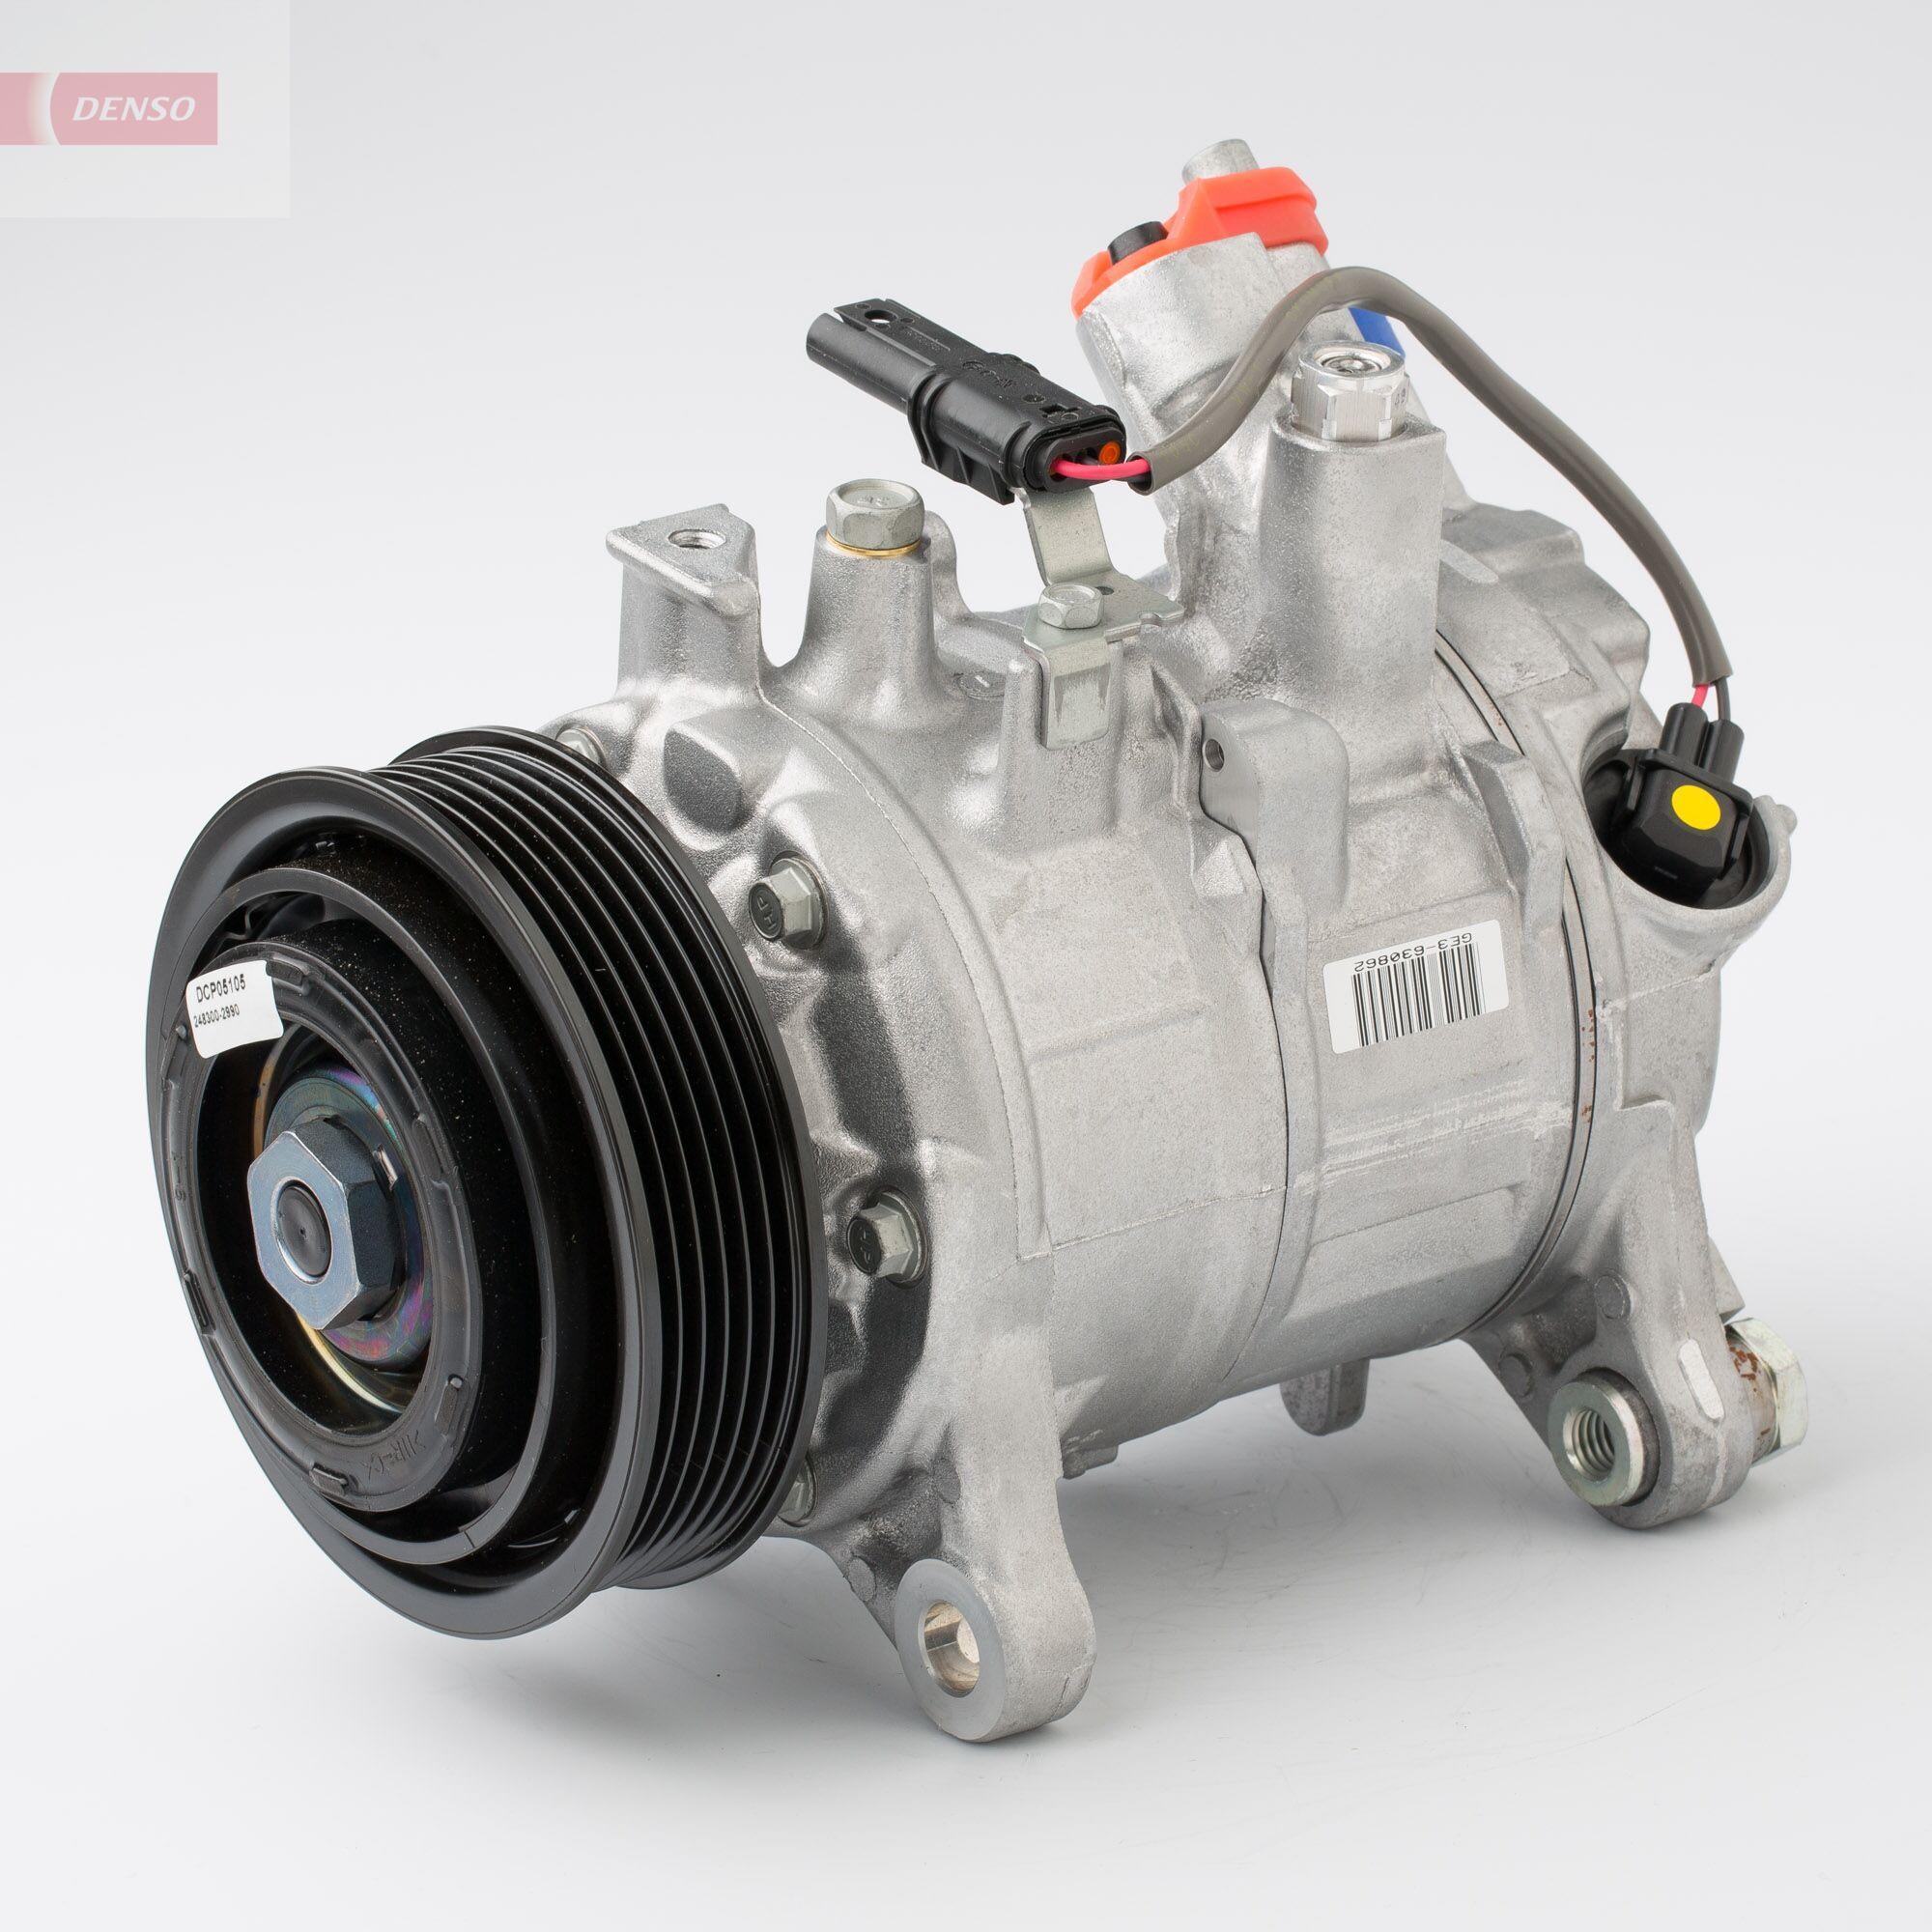 Kompressor DENSO DCP05105